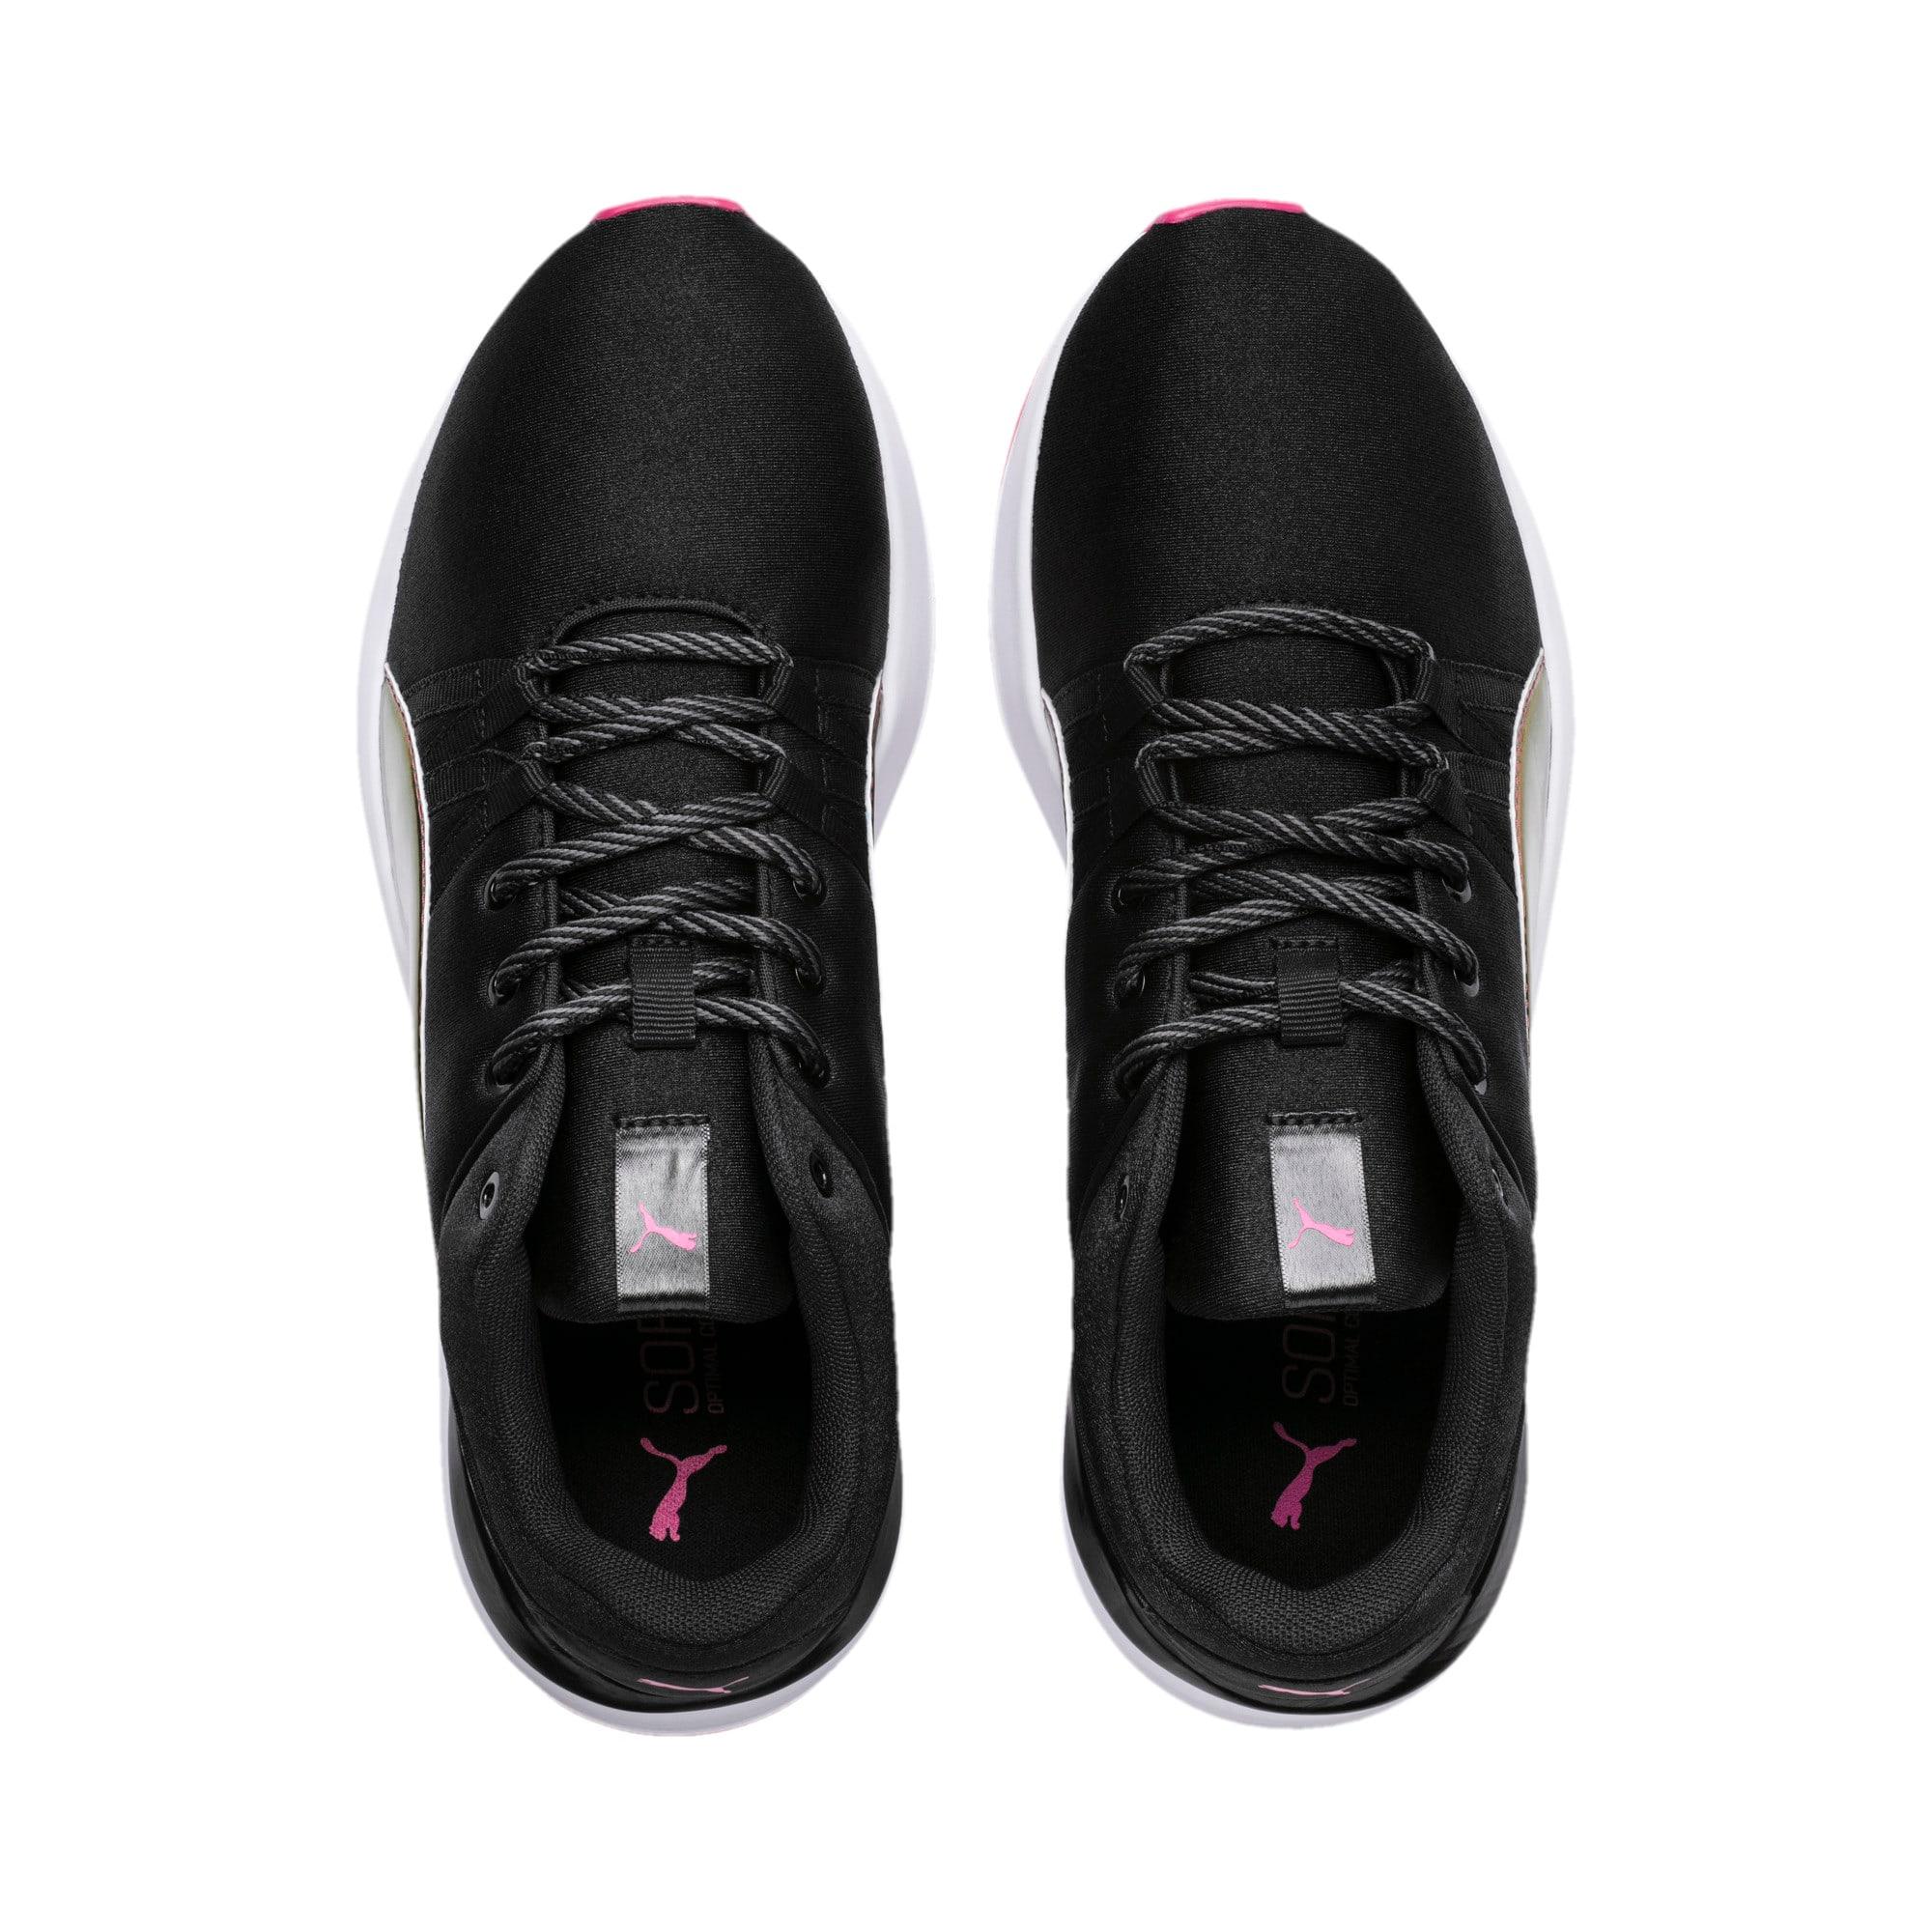 Miniatura 6 de Zapatos deportivos AdelaTrailblazer para mujer, Puma Black-Puma White, mediano